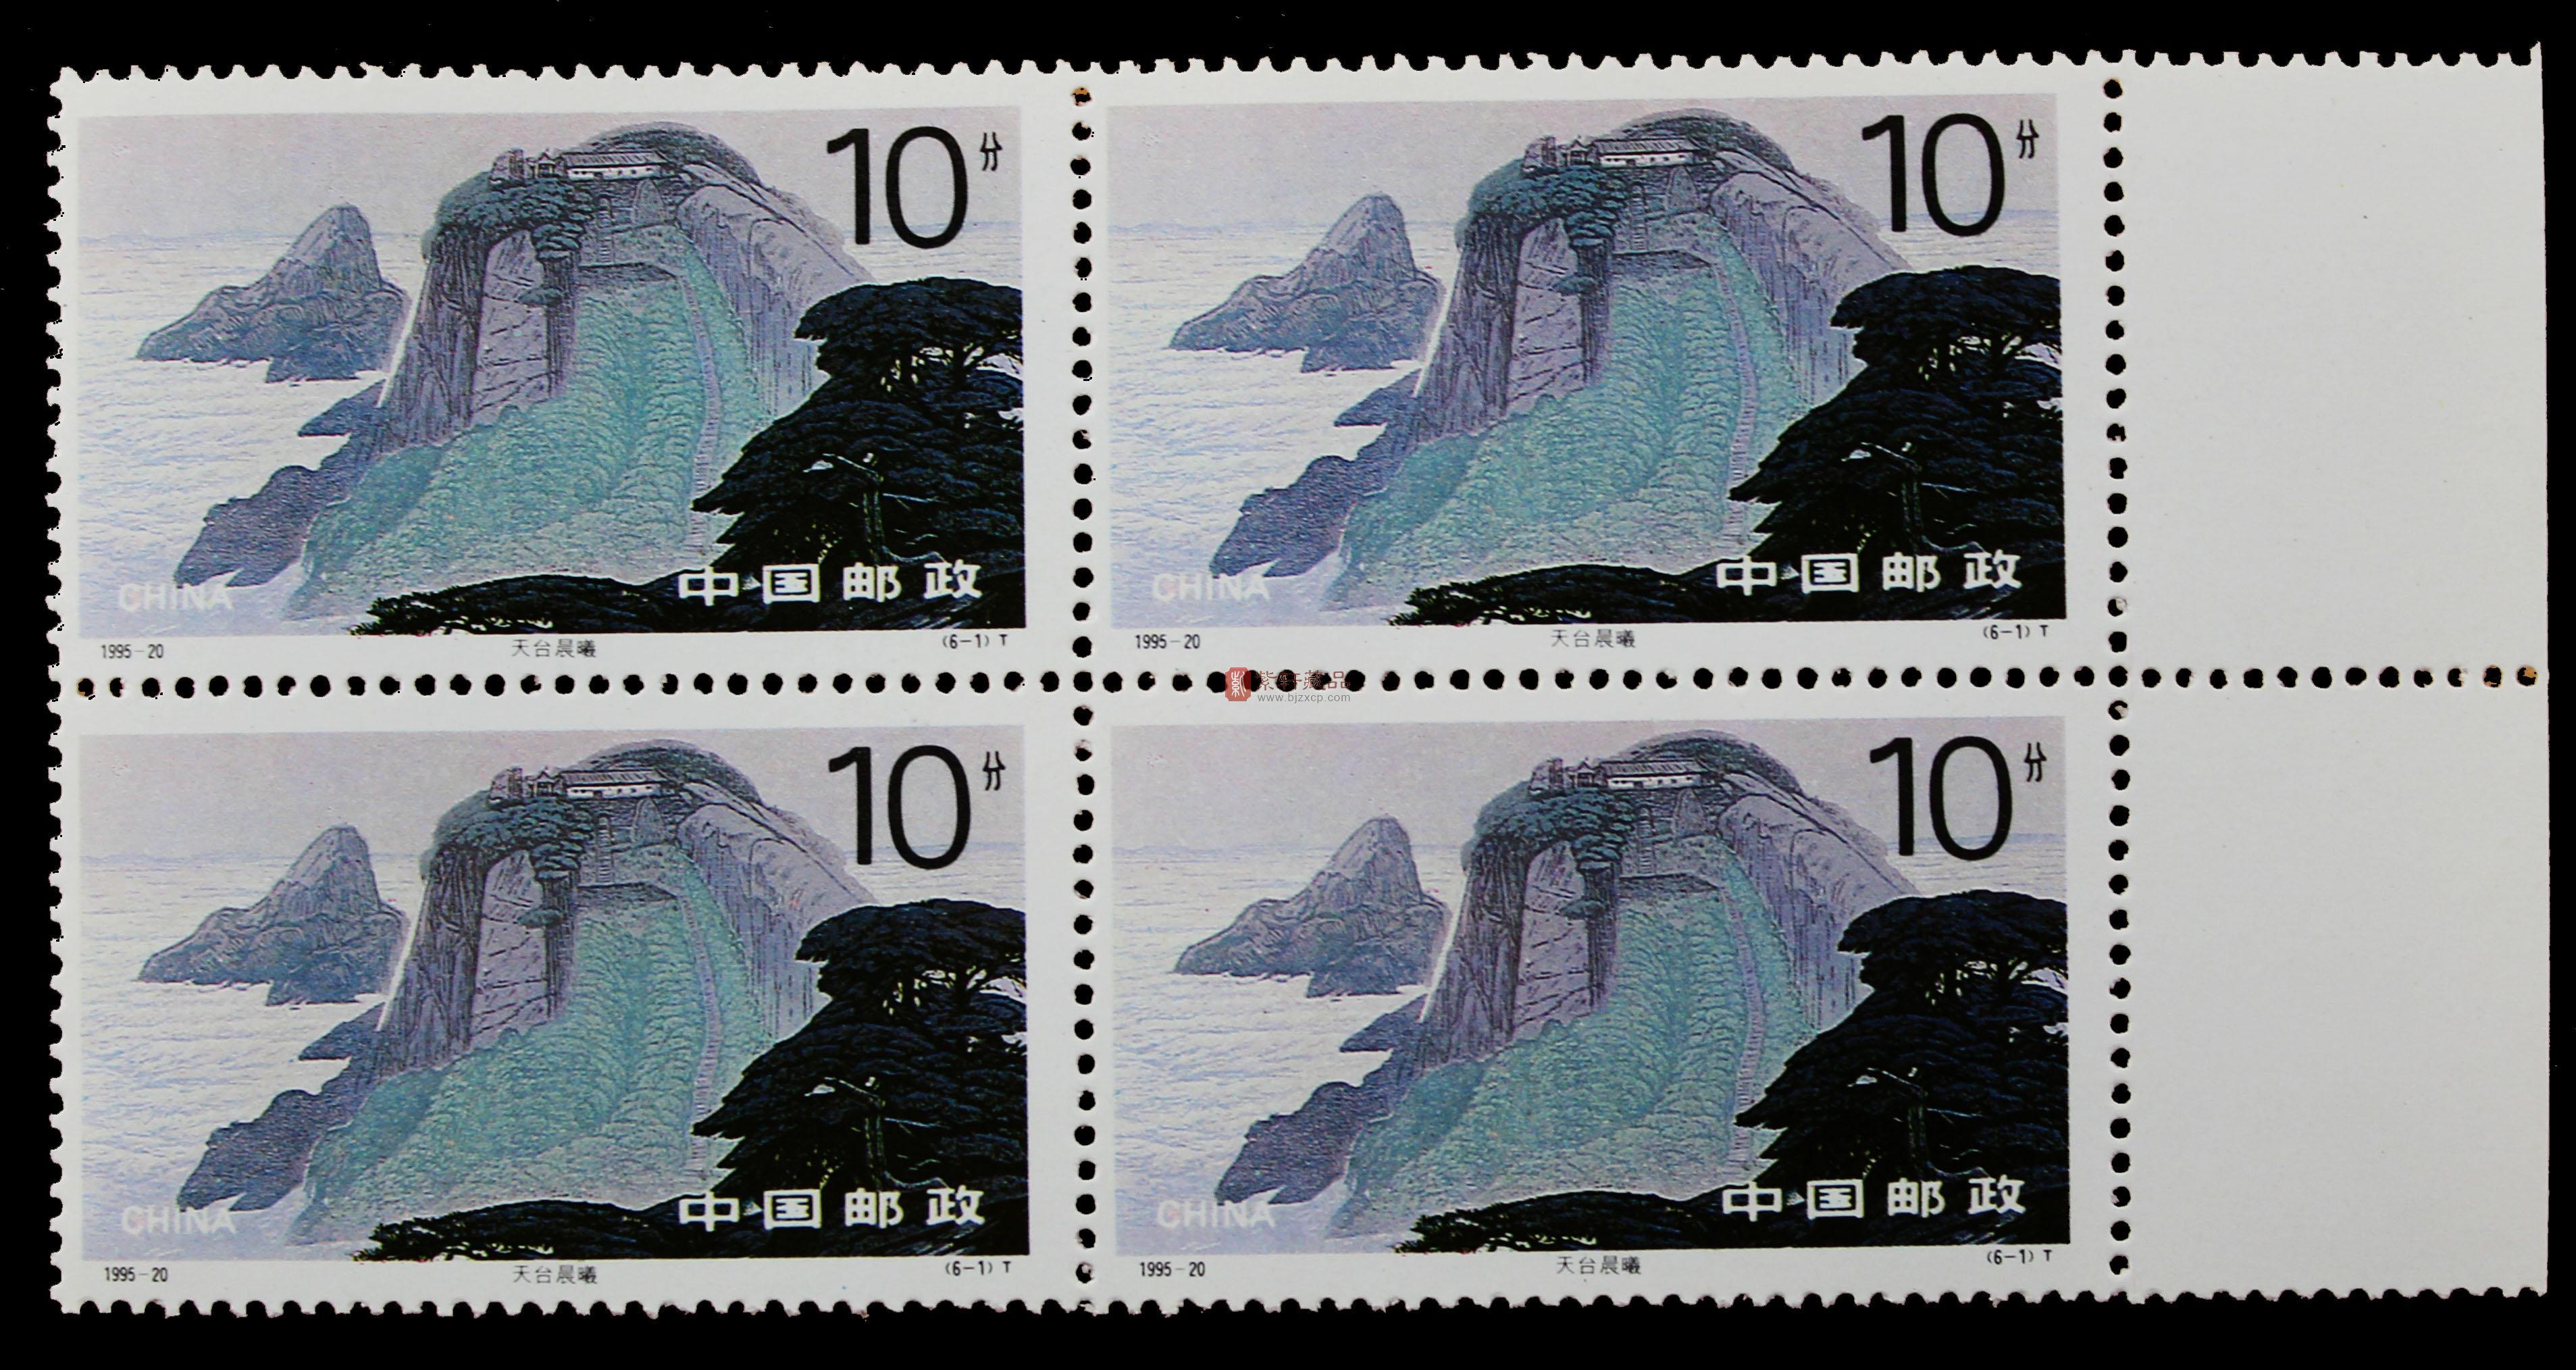 邮票_1995-20 九华胜境(t)四方联邮票